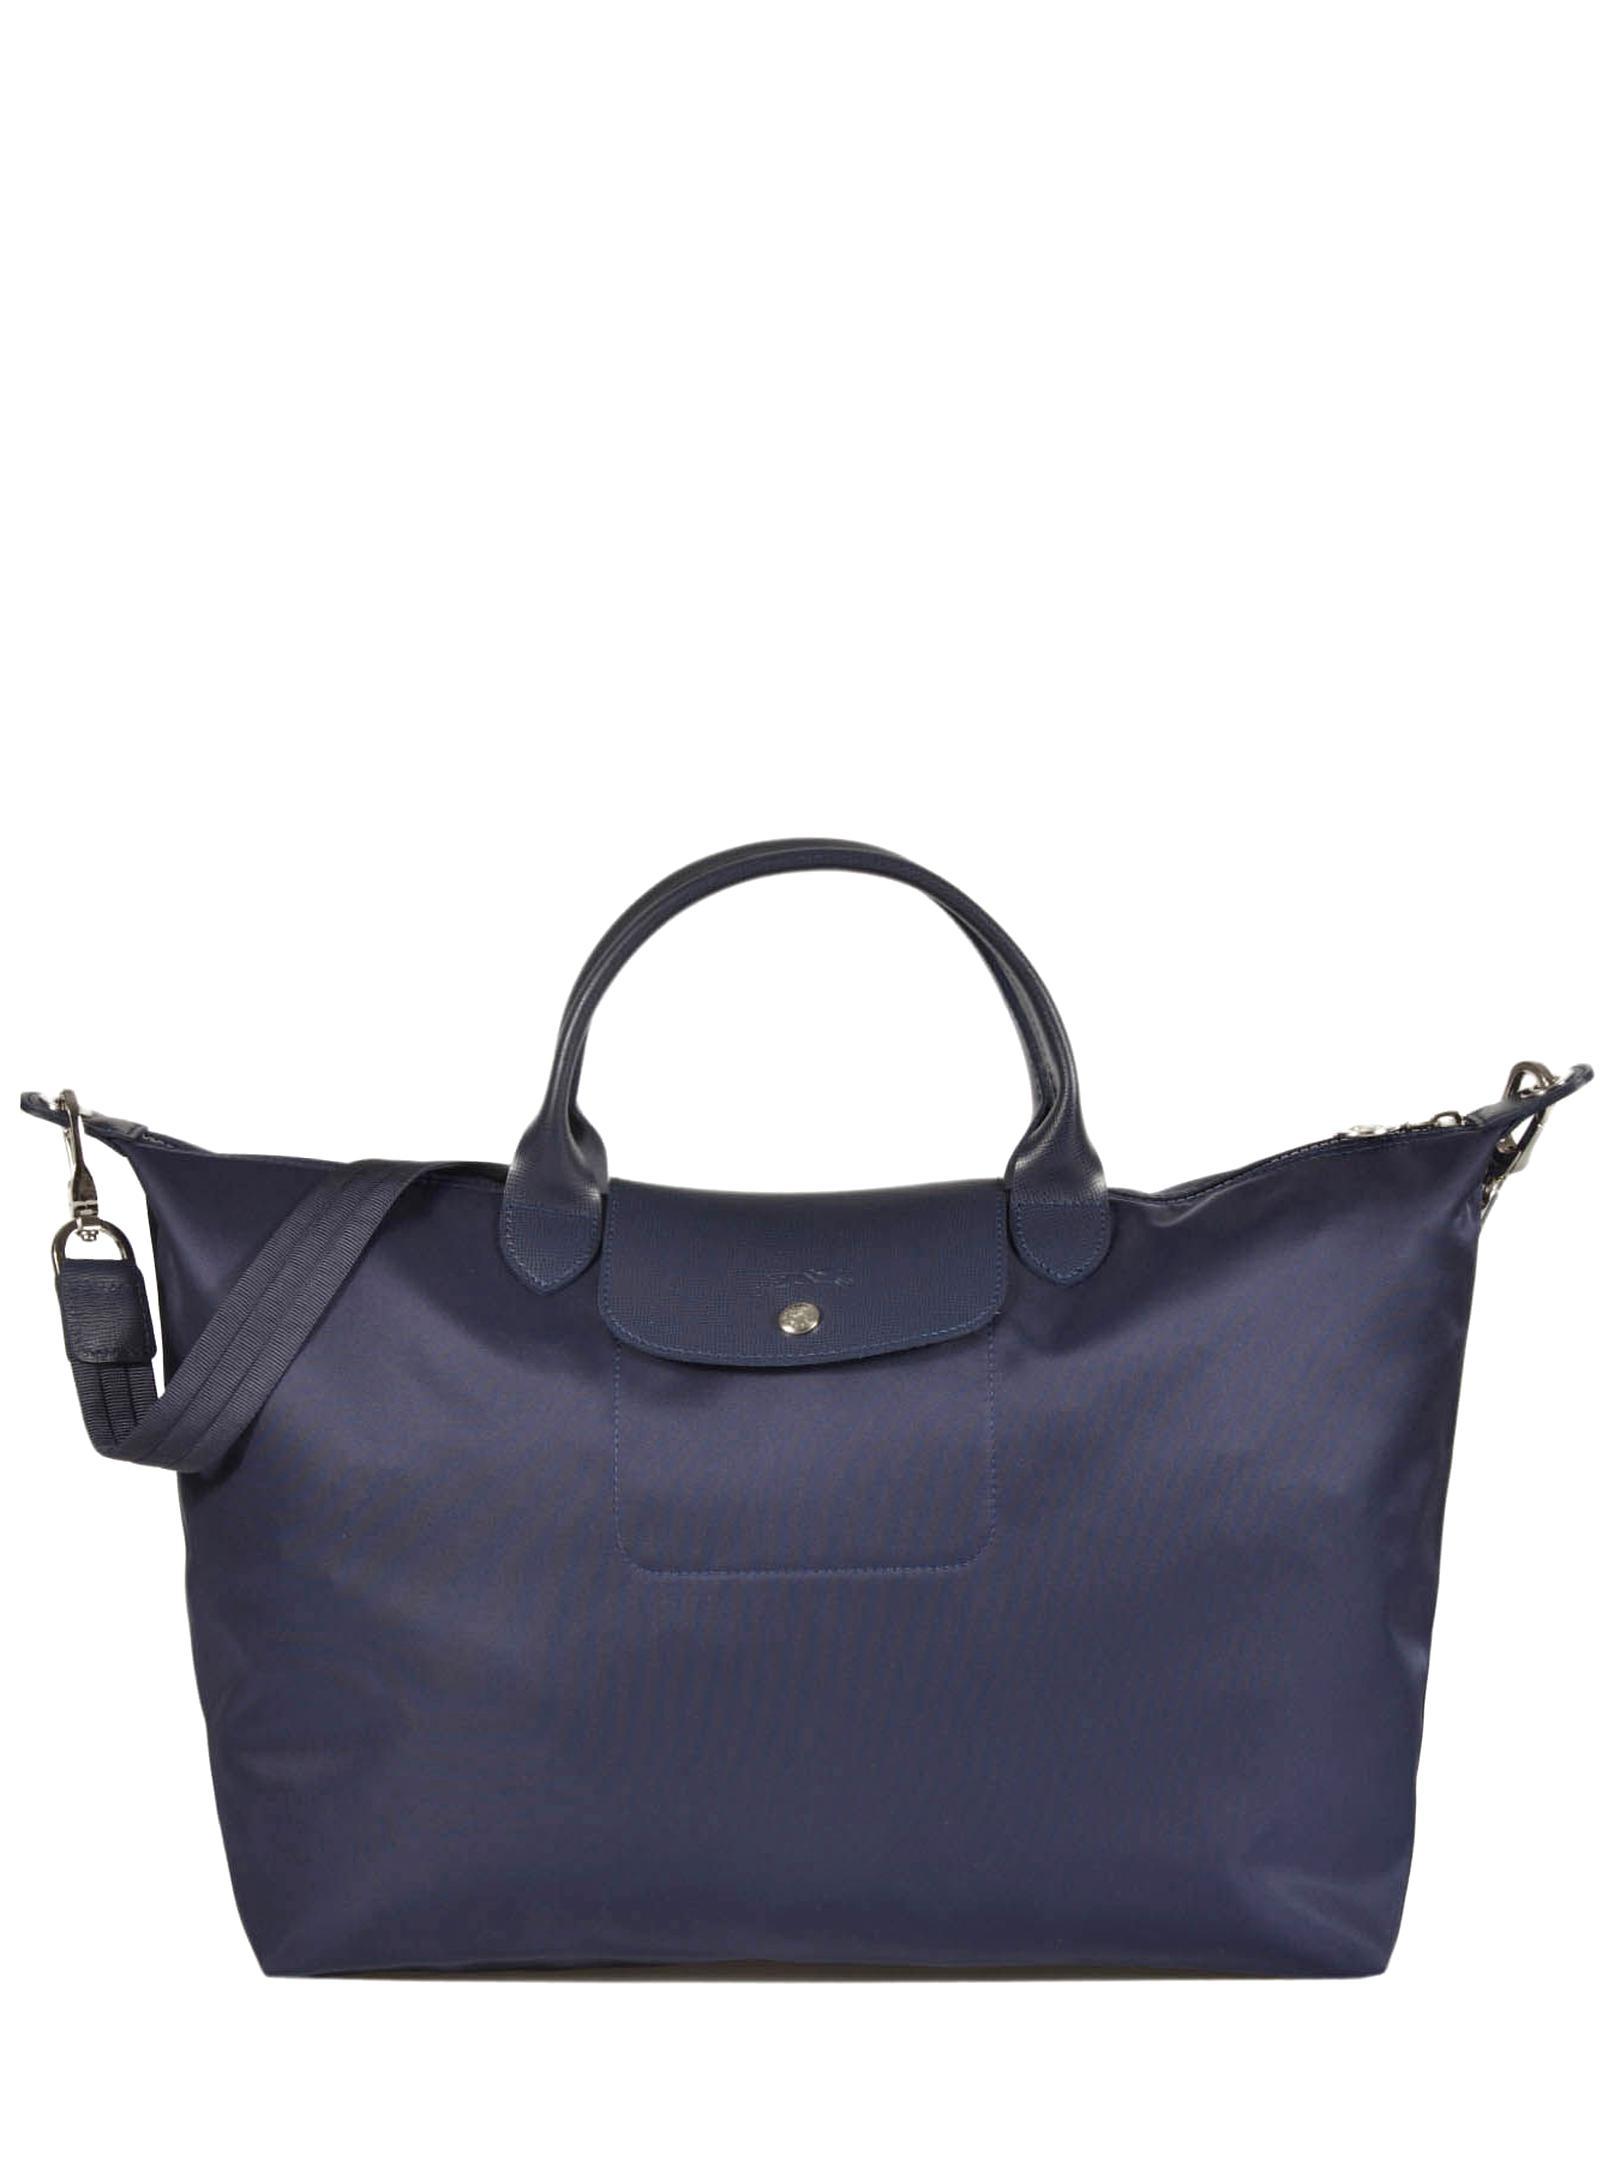 sacs longchamps pliage bleu